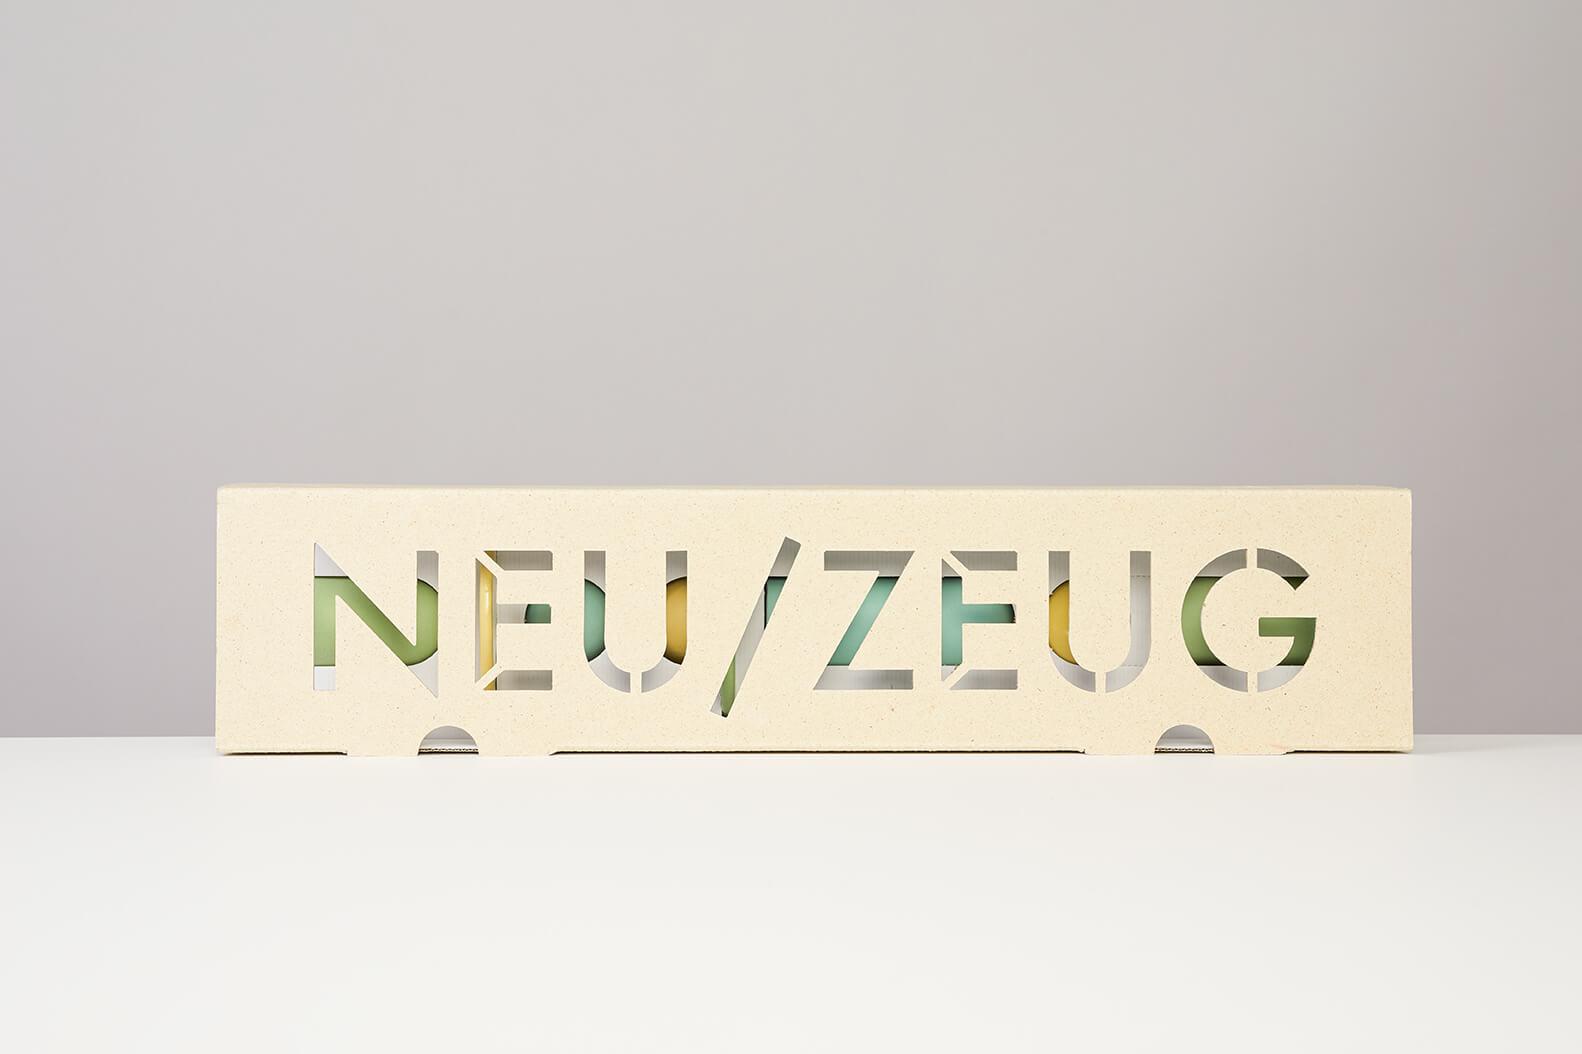 NeuZeug31469©Gruenwald2019